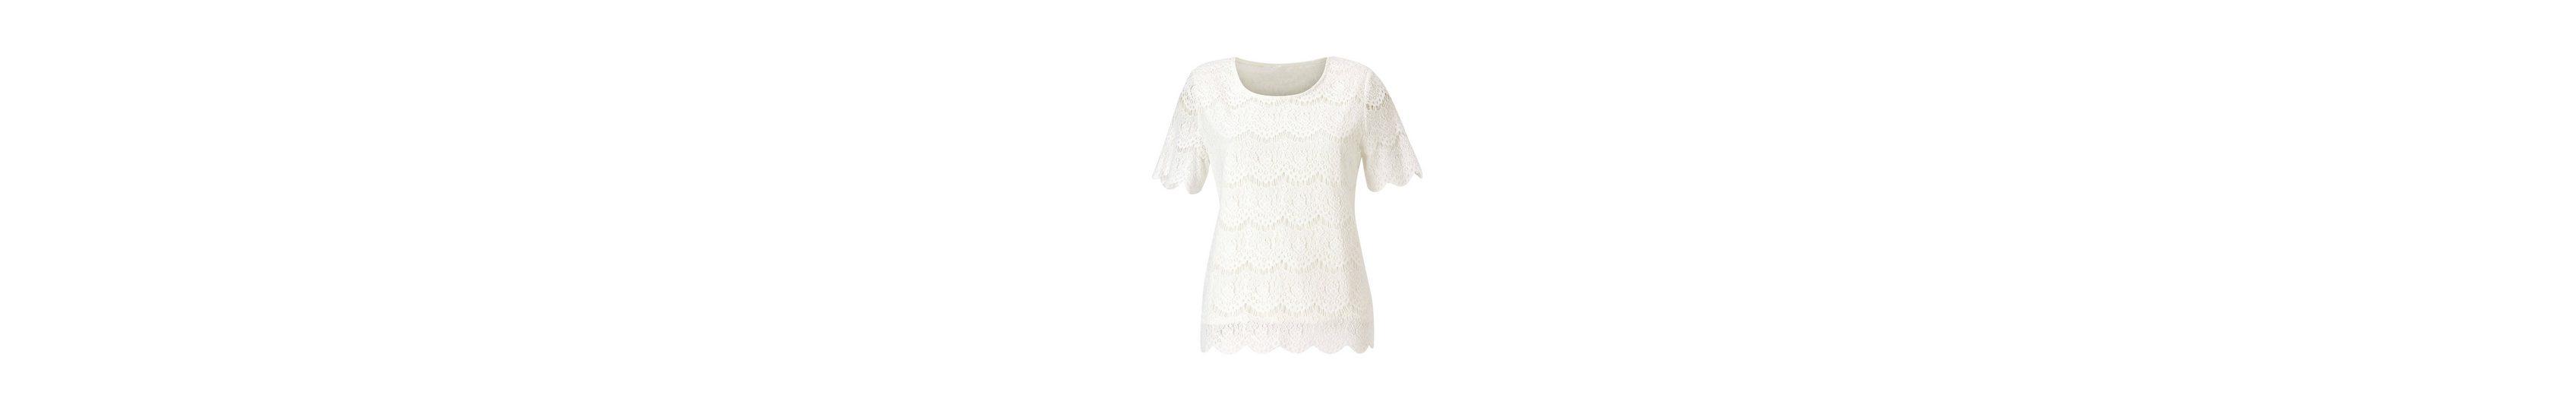 Alessa W. Shirt aus hochwertiger Spitze Billig wENucGG